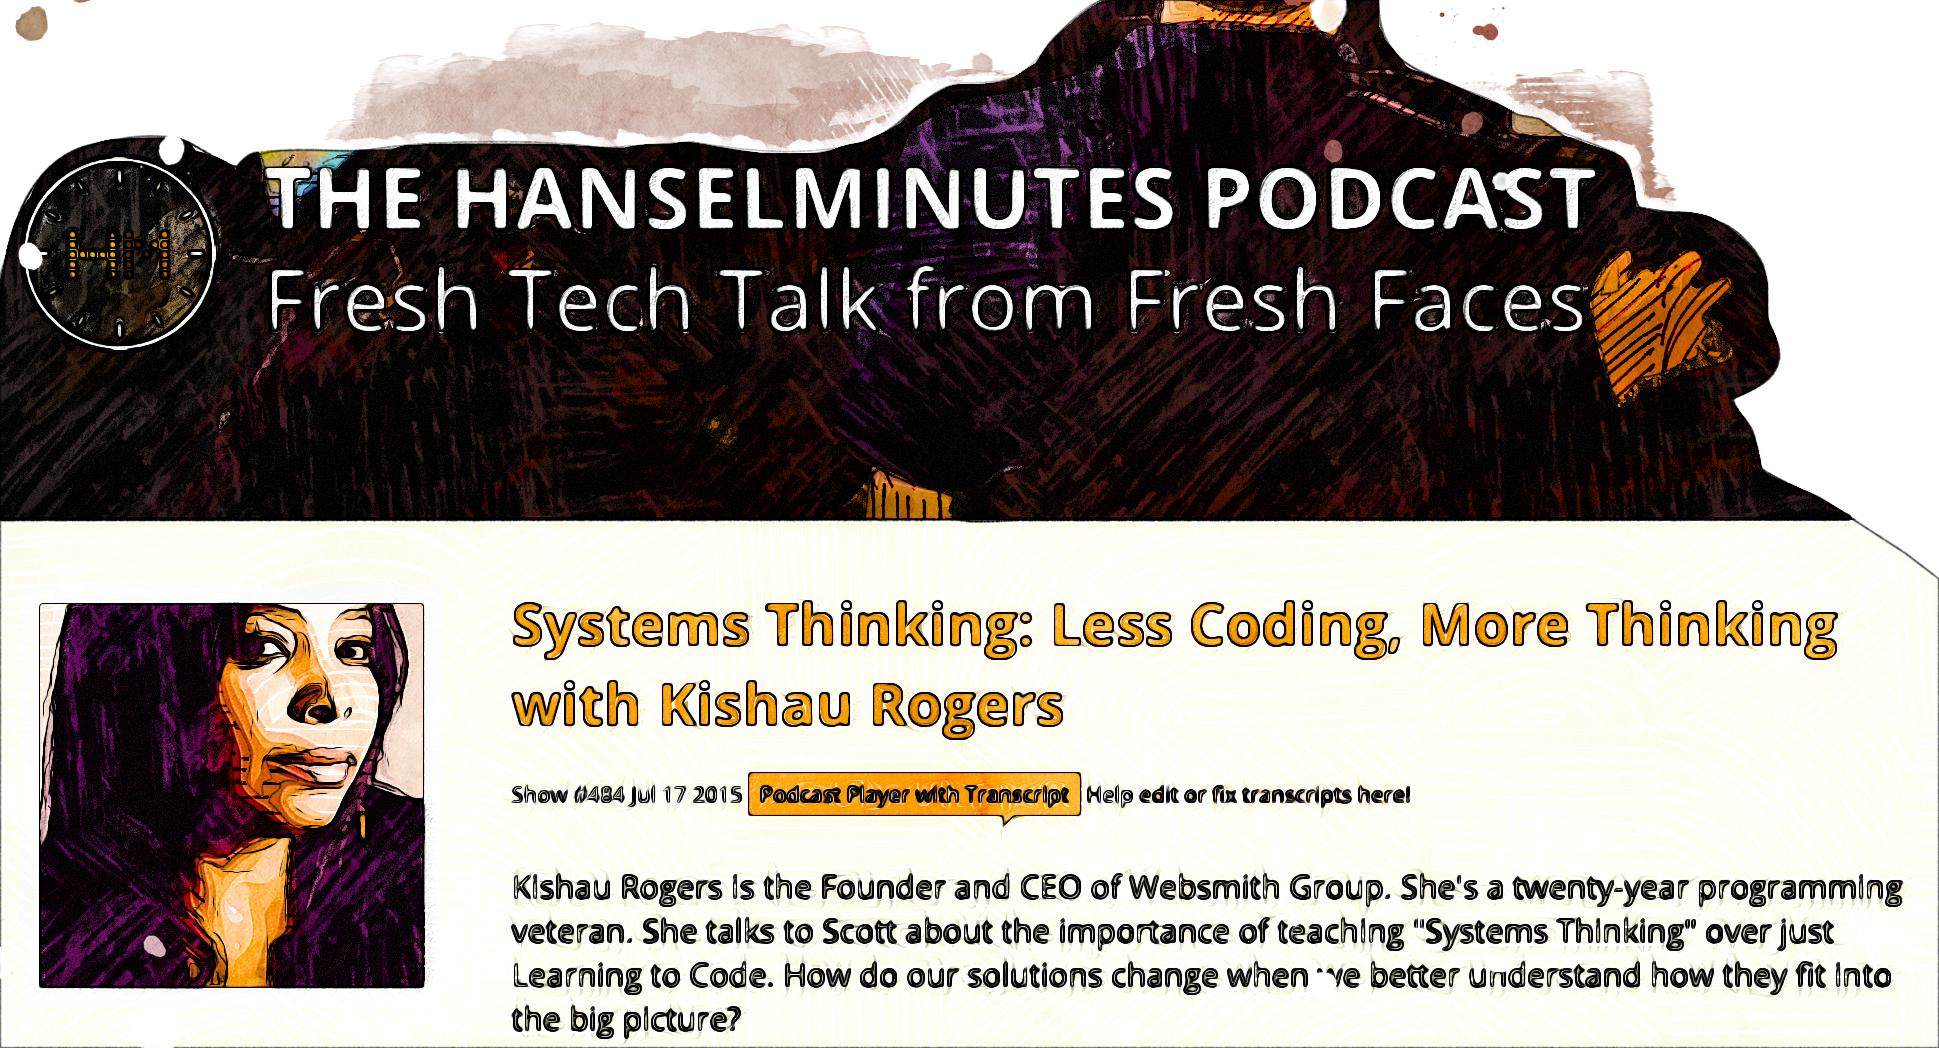 Hanselminutes Podcast Episode description